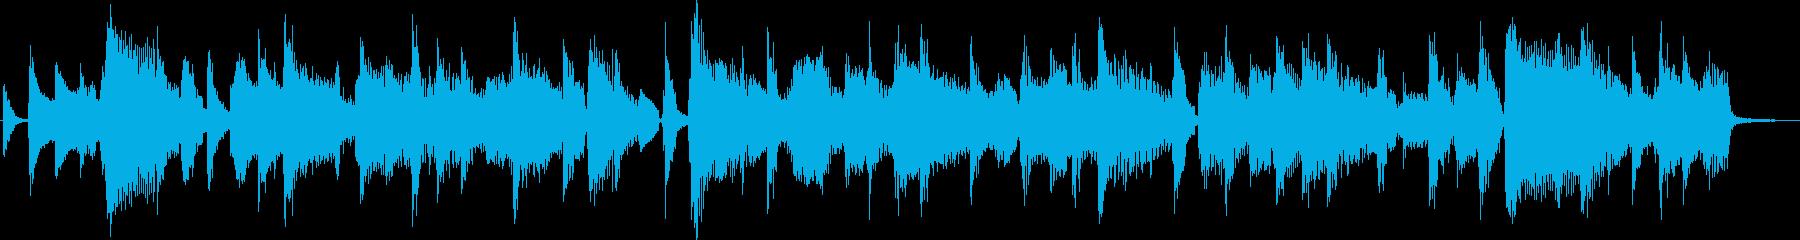 軽快な雰囲気のポップジングルの再生済みの波形